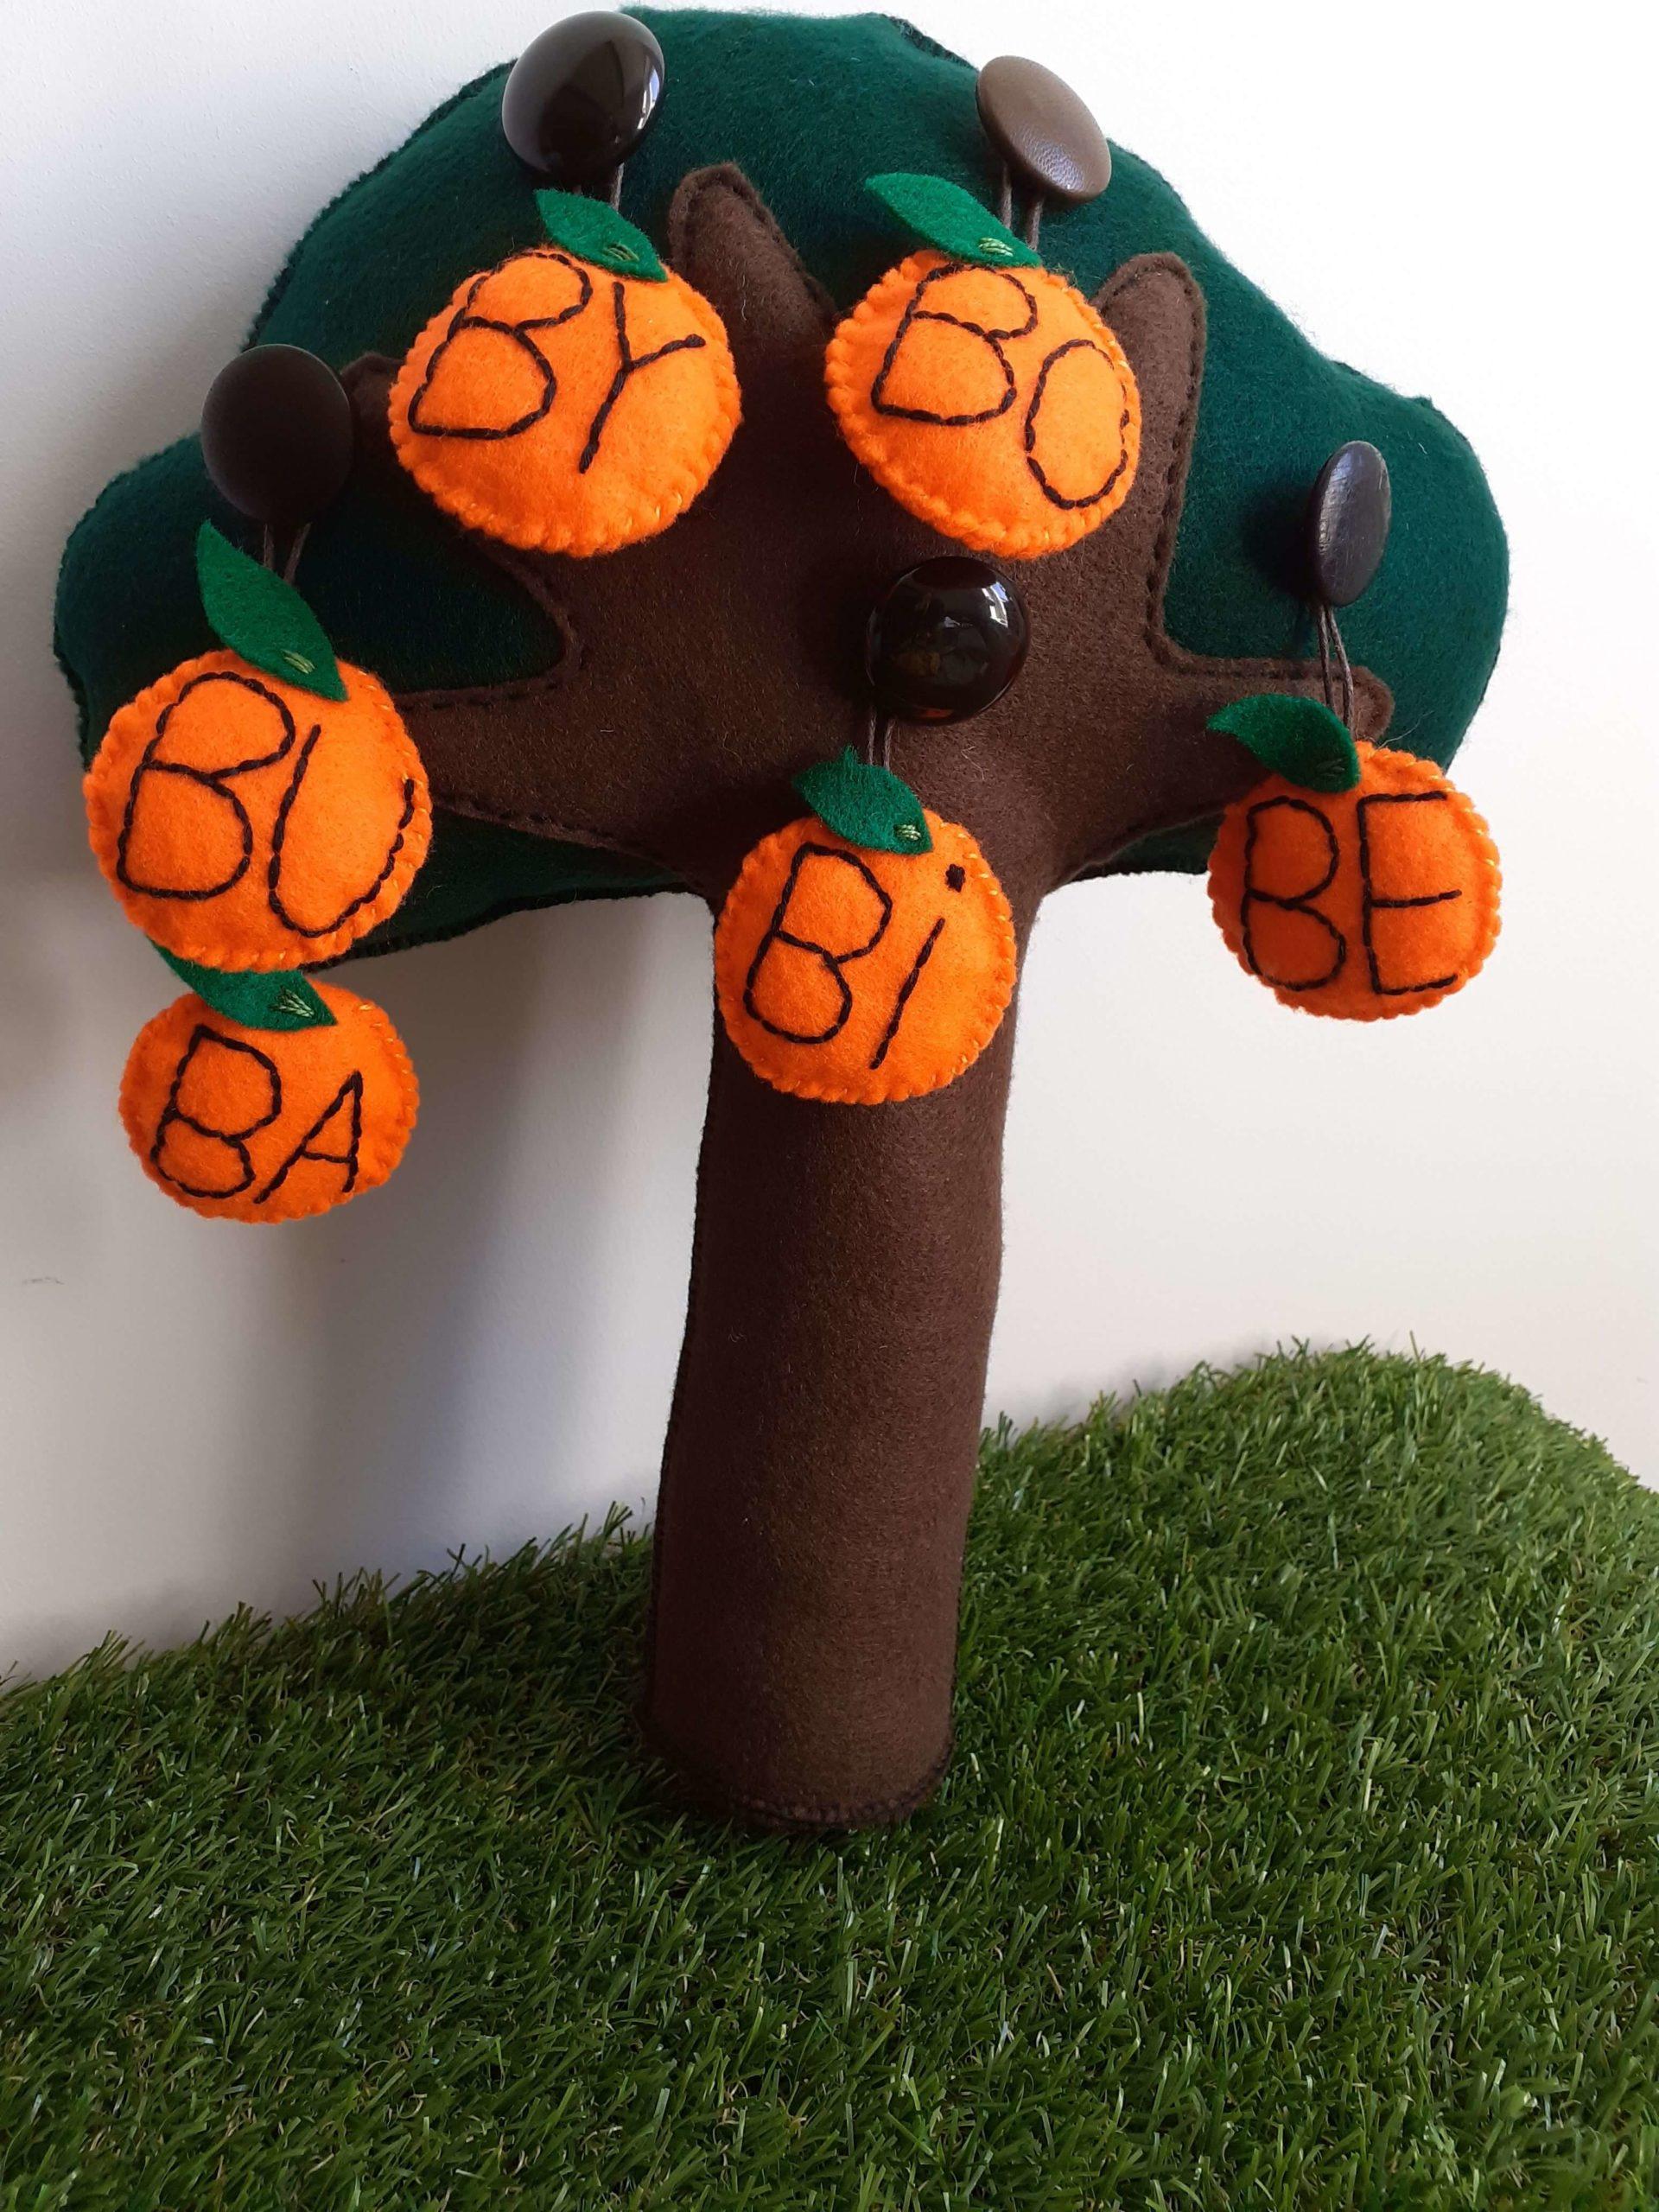 sylabowe drzewo i owoce z sylabami z paradygmatu B